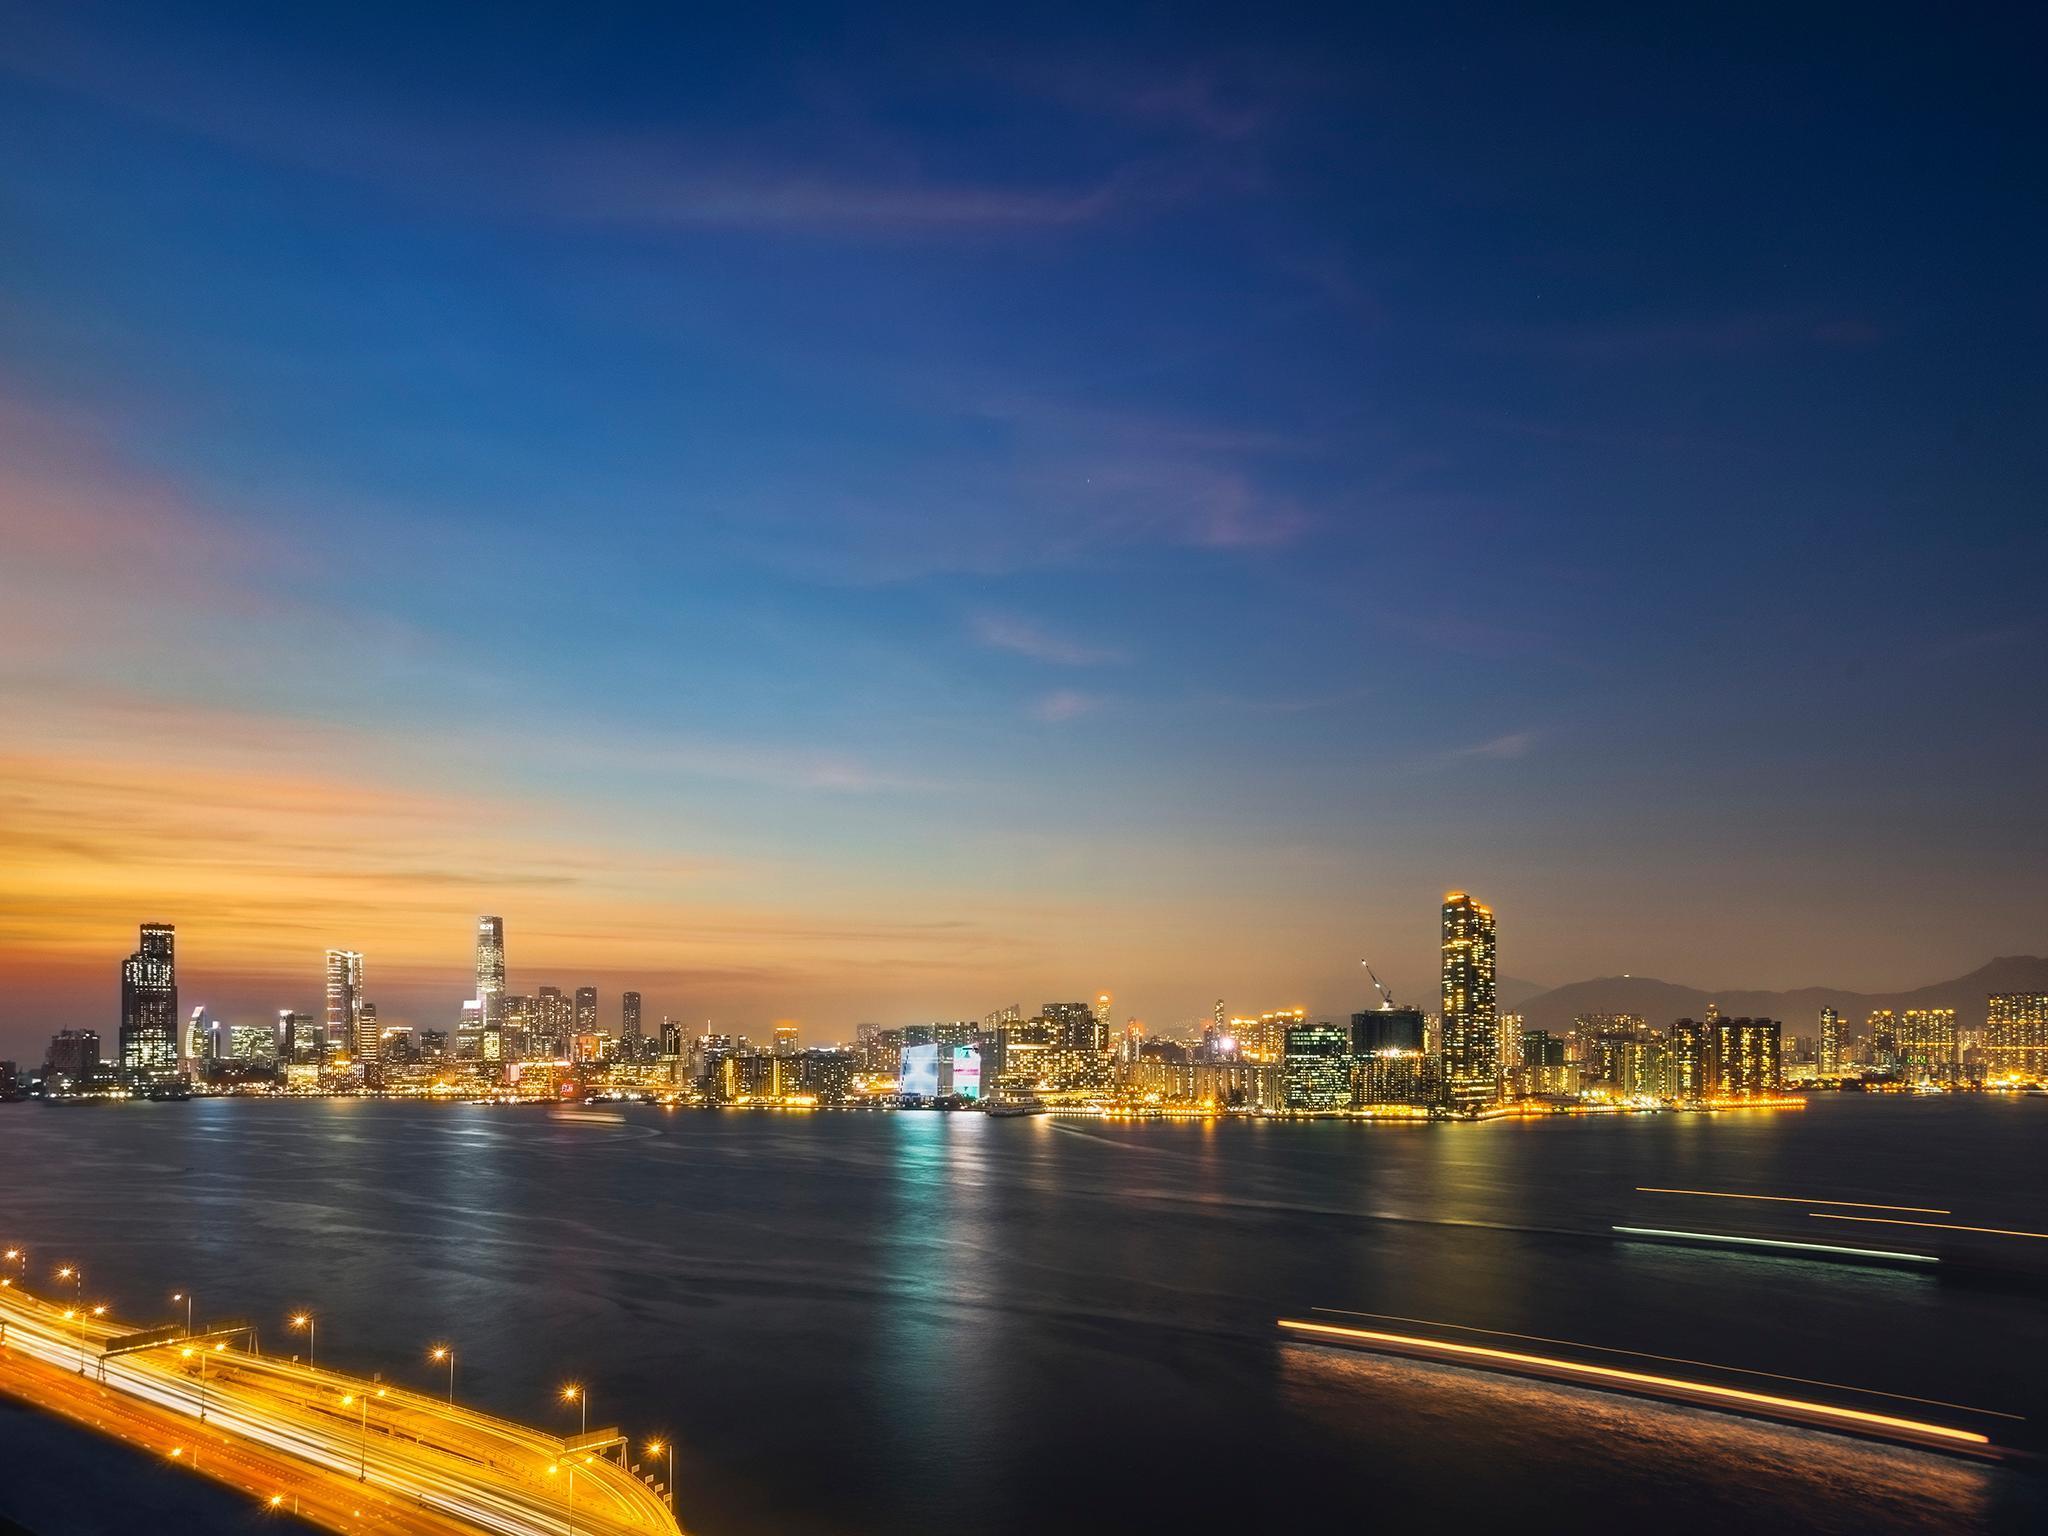 香港香港維港凱悅尚萃酒店 (Hyatt Centric Victoria Harbour) - Agoda 提供行程前一刻網上即時優惠價格訂房服務